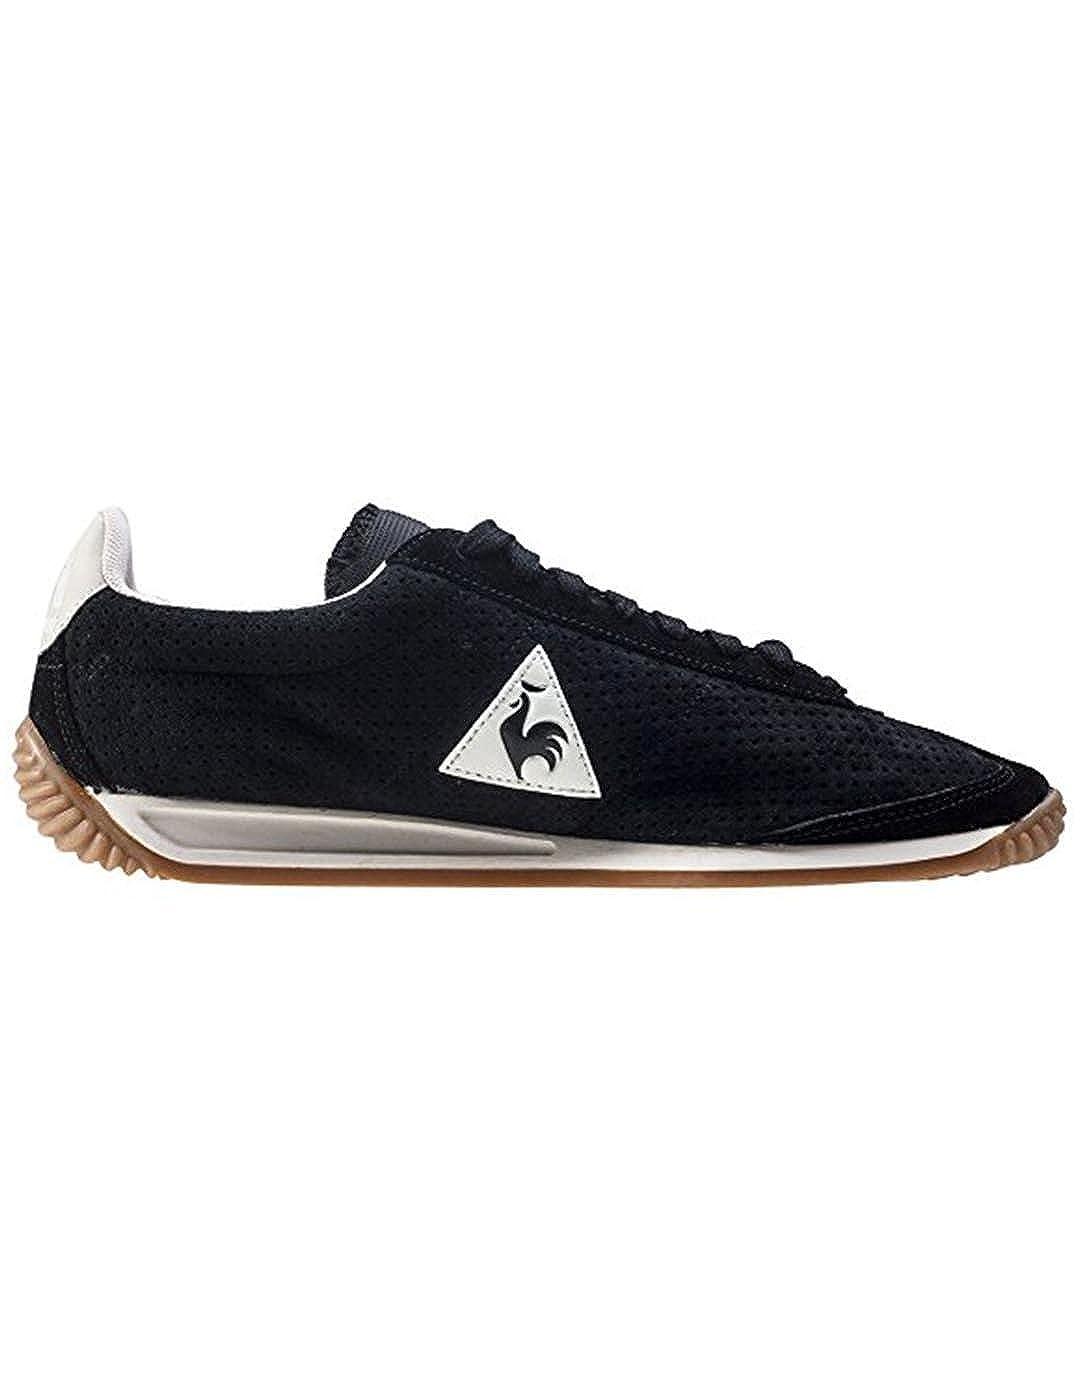 08c75547d713 Le Coq Sportif Quartz Trainers Blue Size  4 UK  Amazon.co.uk  Shoes   Bags